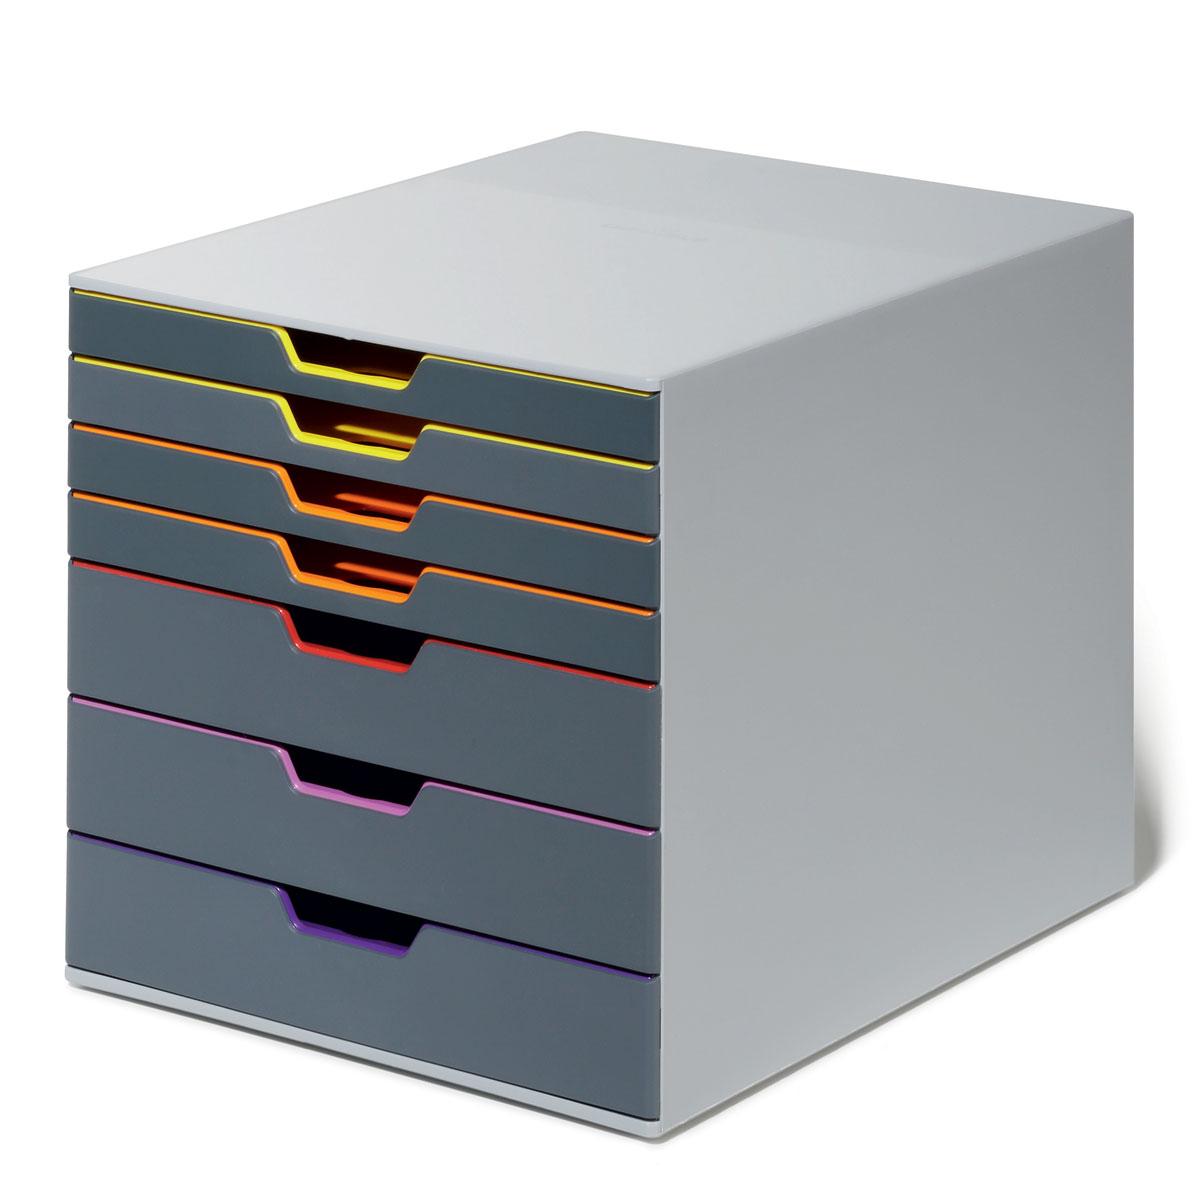 """Короб для документов Durable """"Varicolor"""" выполнен из высококачественного пластика. Выдвижные ящики закрытого типа, оснащены стопорами и табуляторами для маркировки. Боксы можно устанавливать друг на друга, фиксируются при помощи резиновых ножек."""